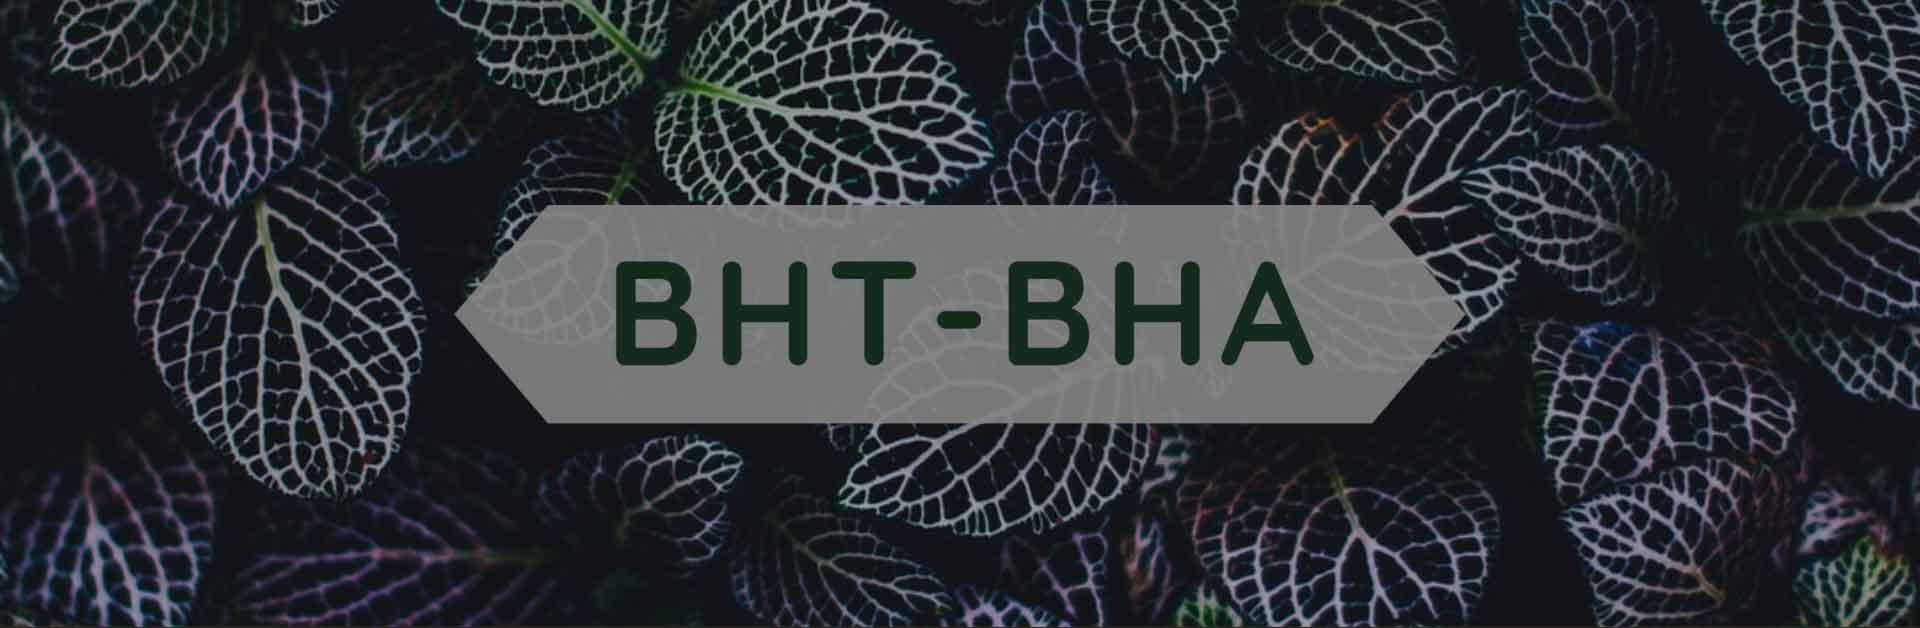 Copertina bht-bha